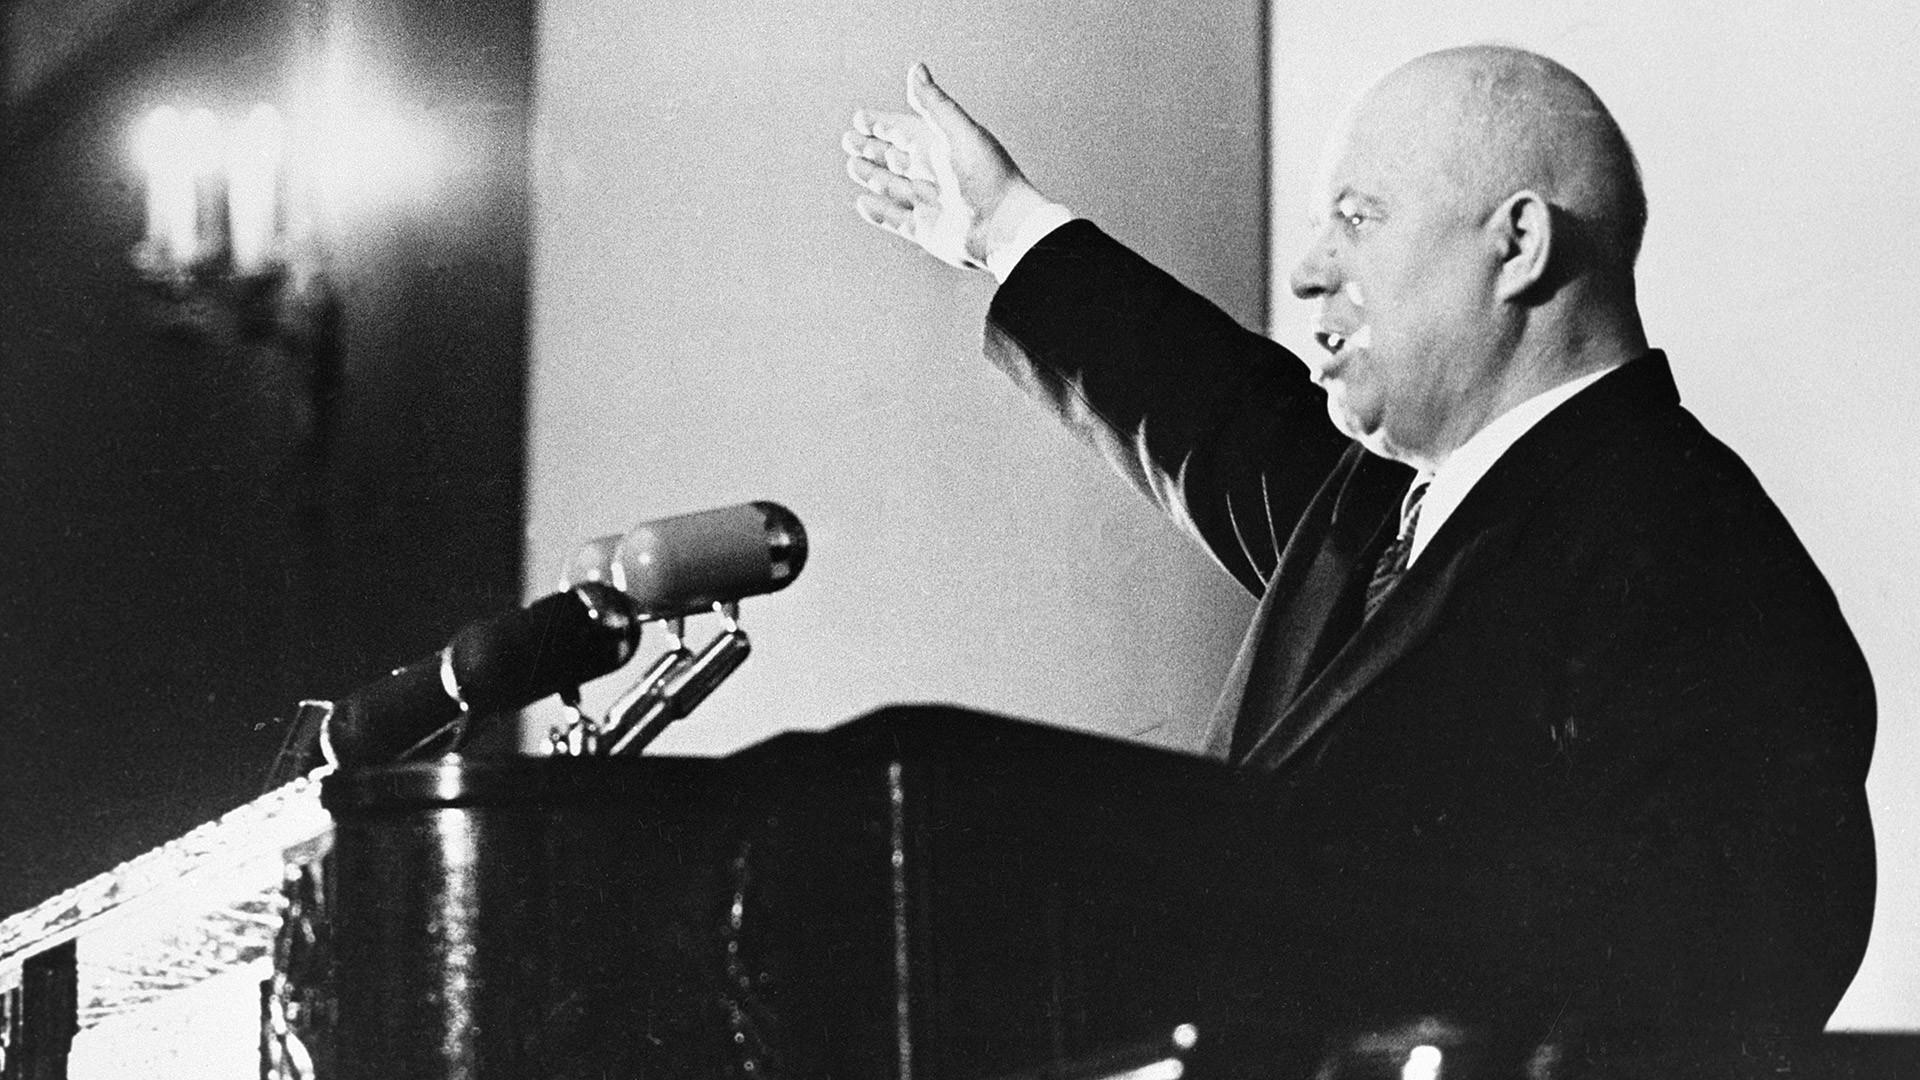 Chruschtschow noch als Erster Sekretär des Zentralkomitees der ukrainischen Kommunistischen Partei